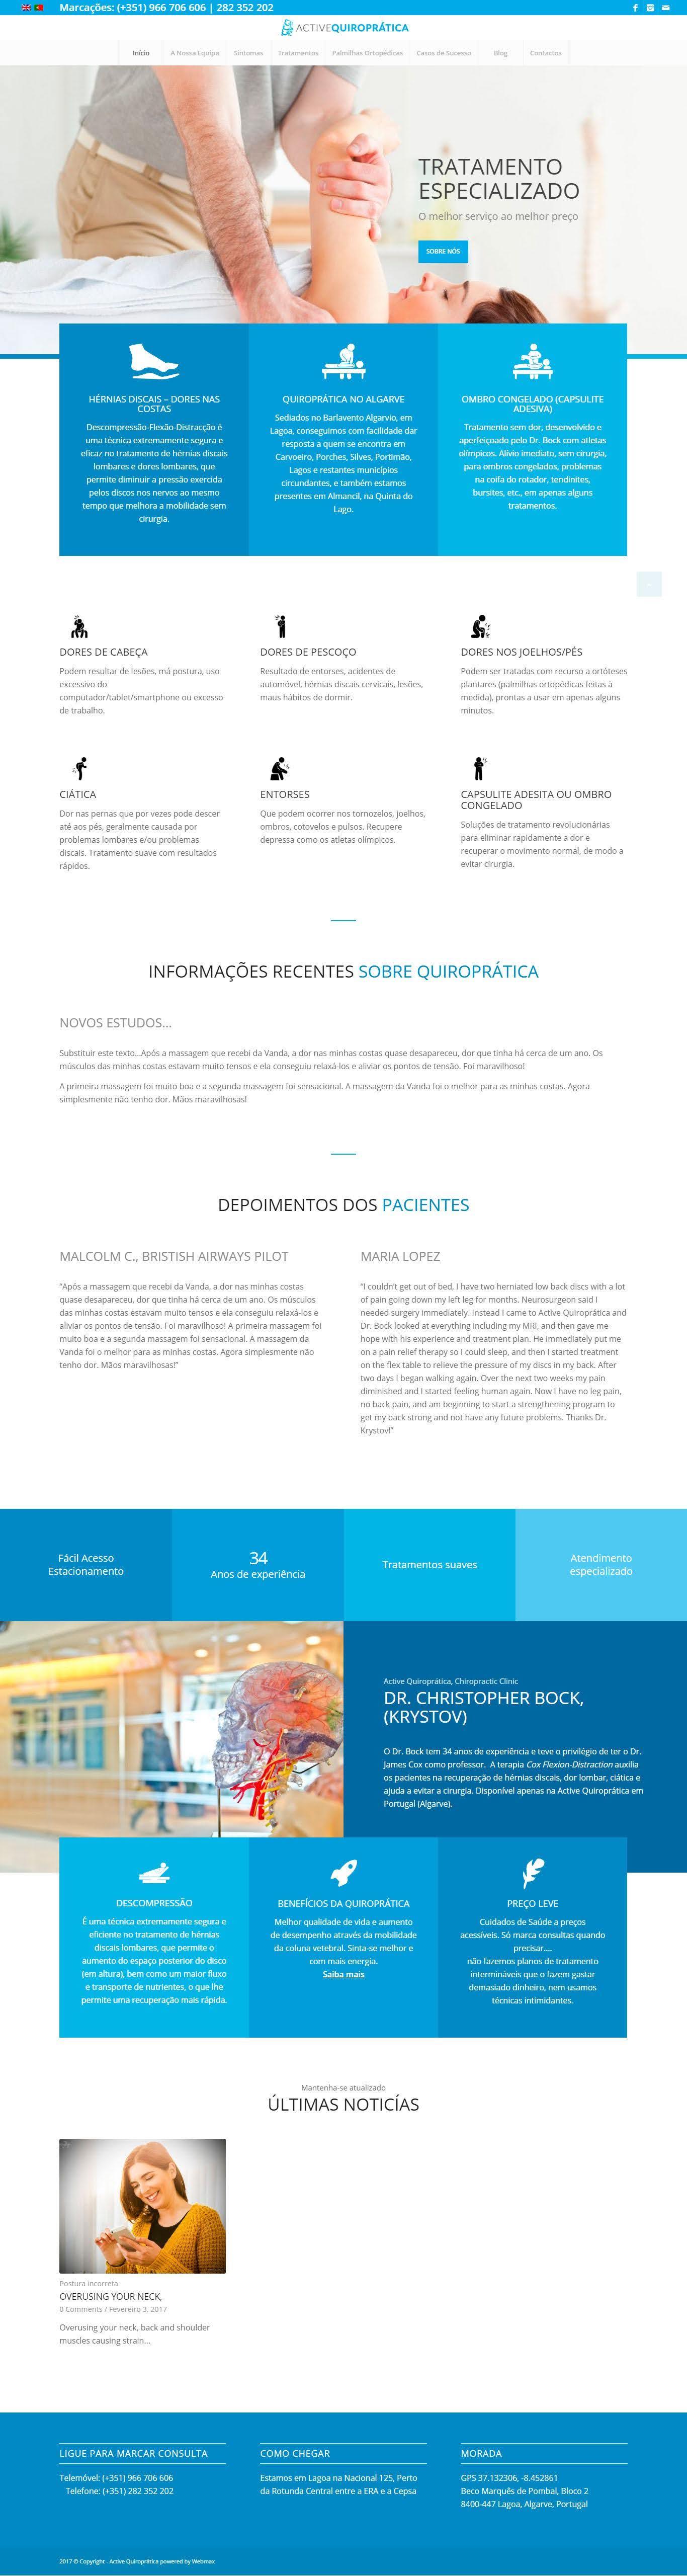 Portfolio - activequiropratico